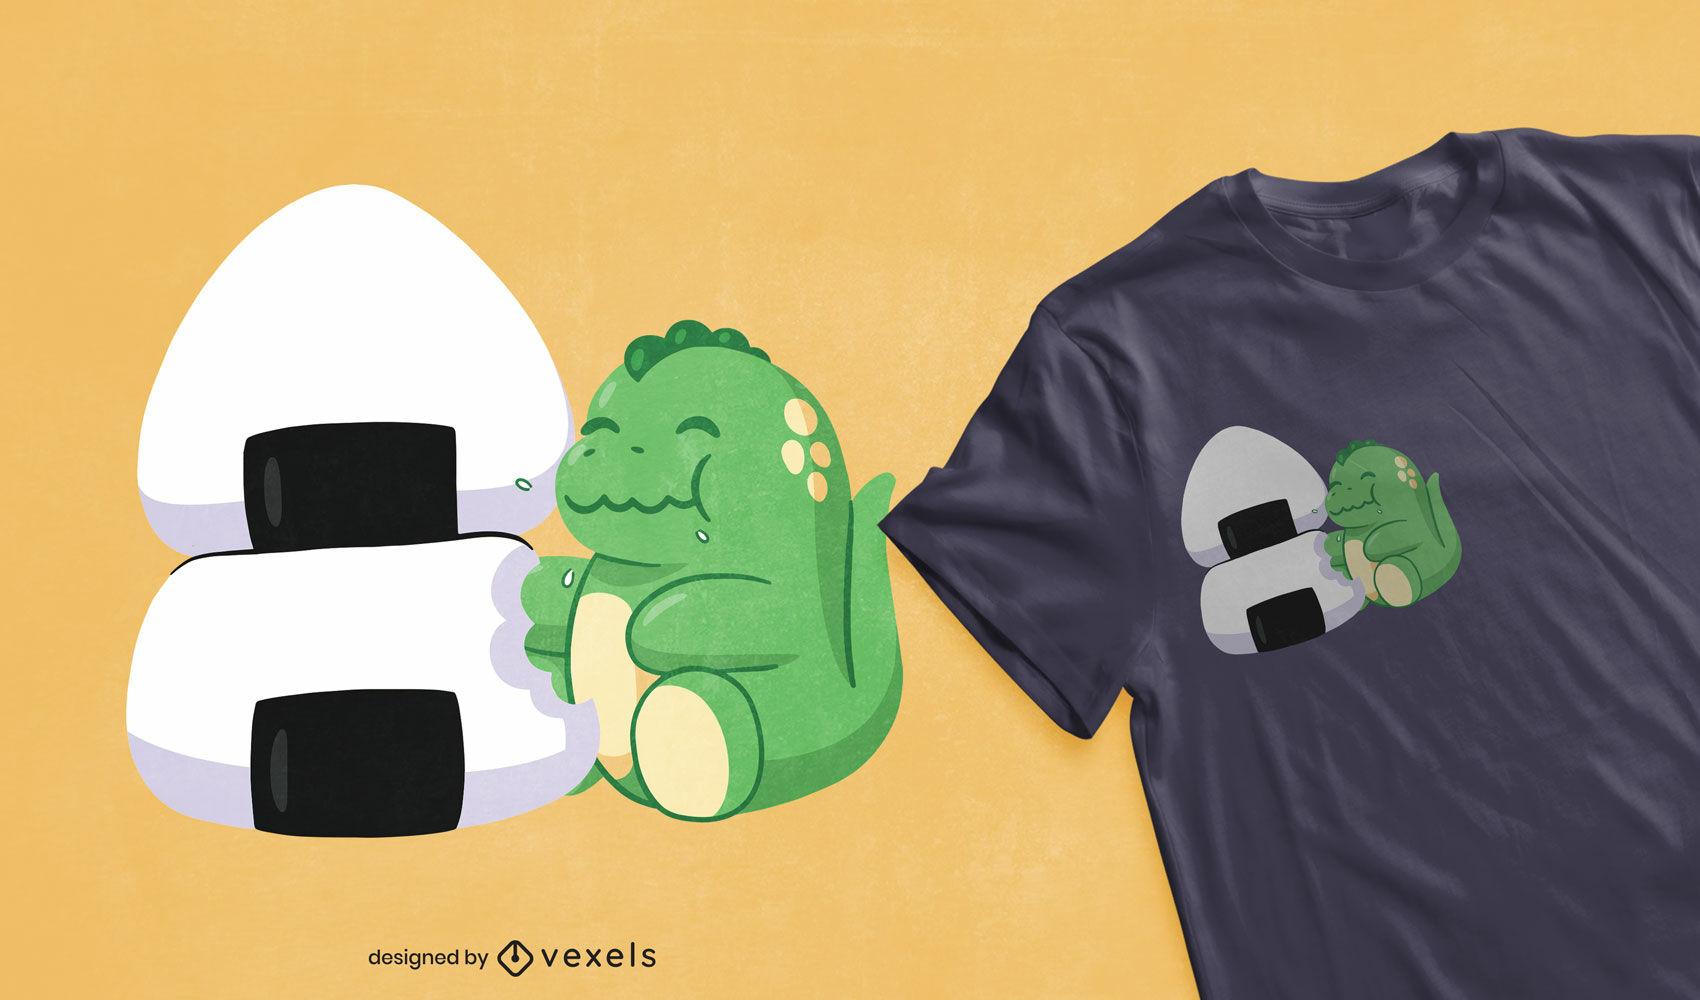 Diseño de camiseta lindo dino comiendo bolas de arroz